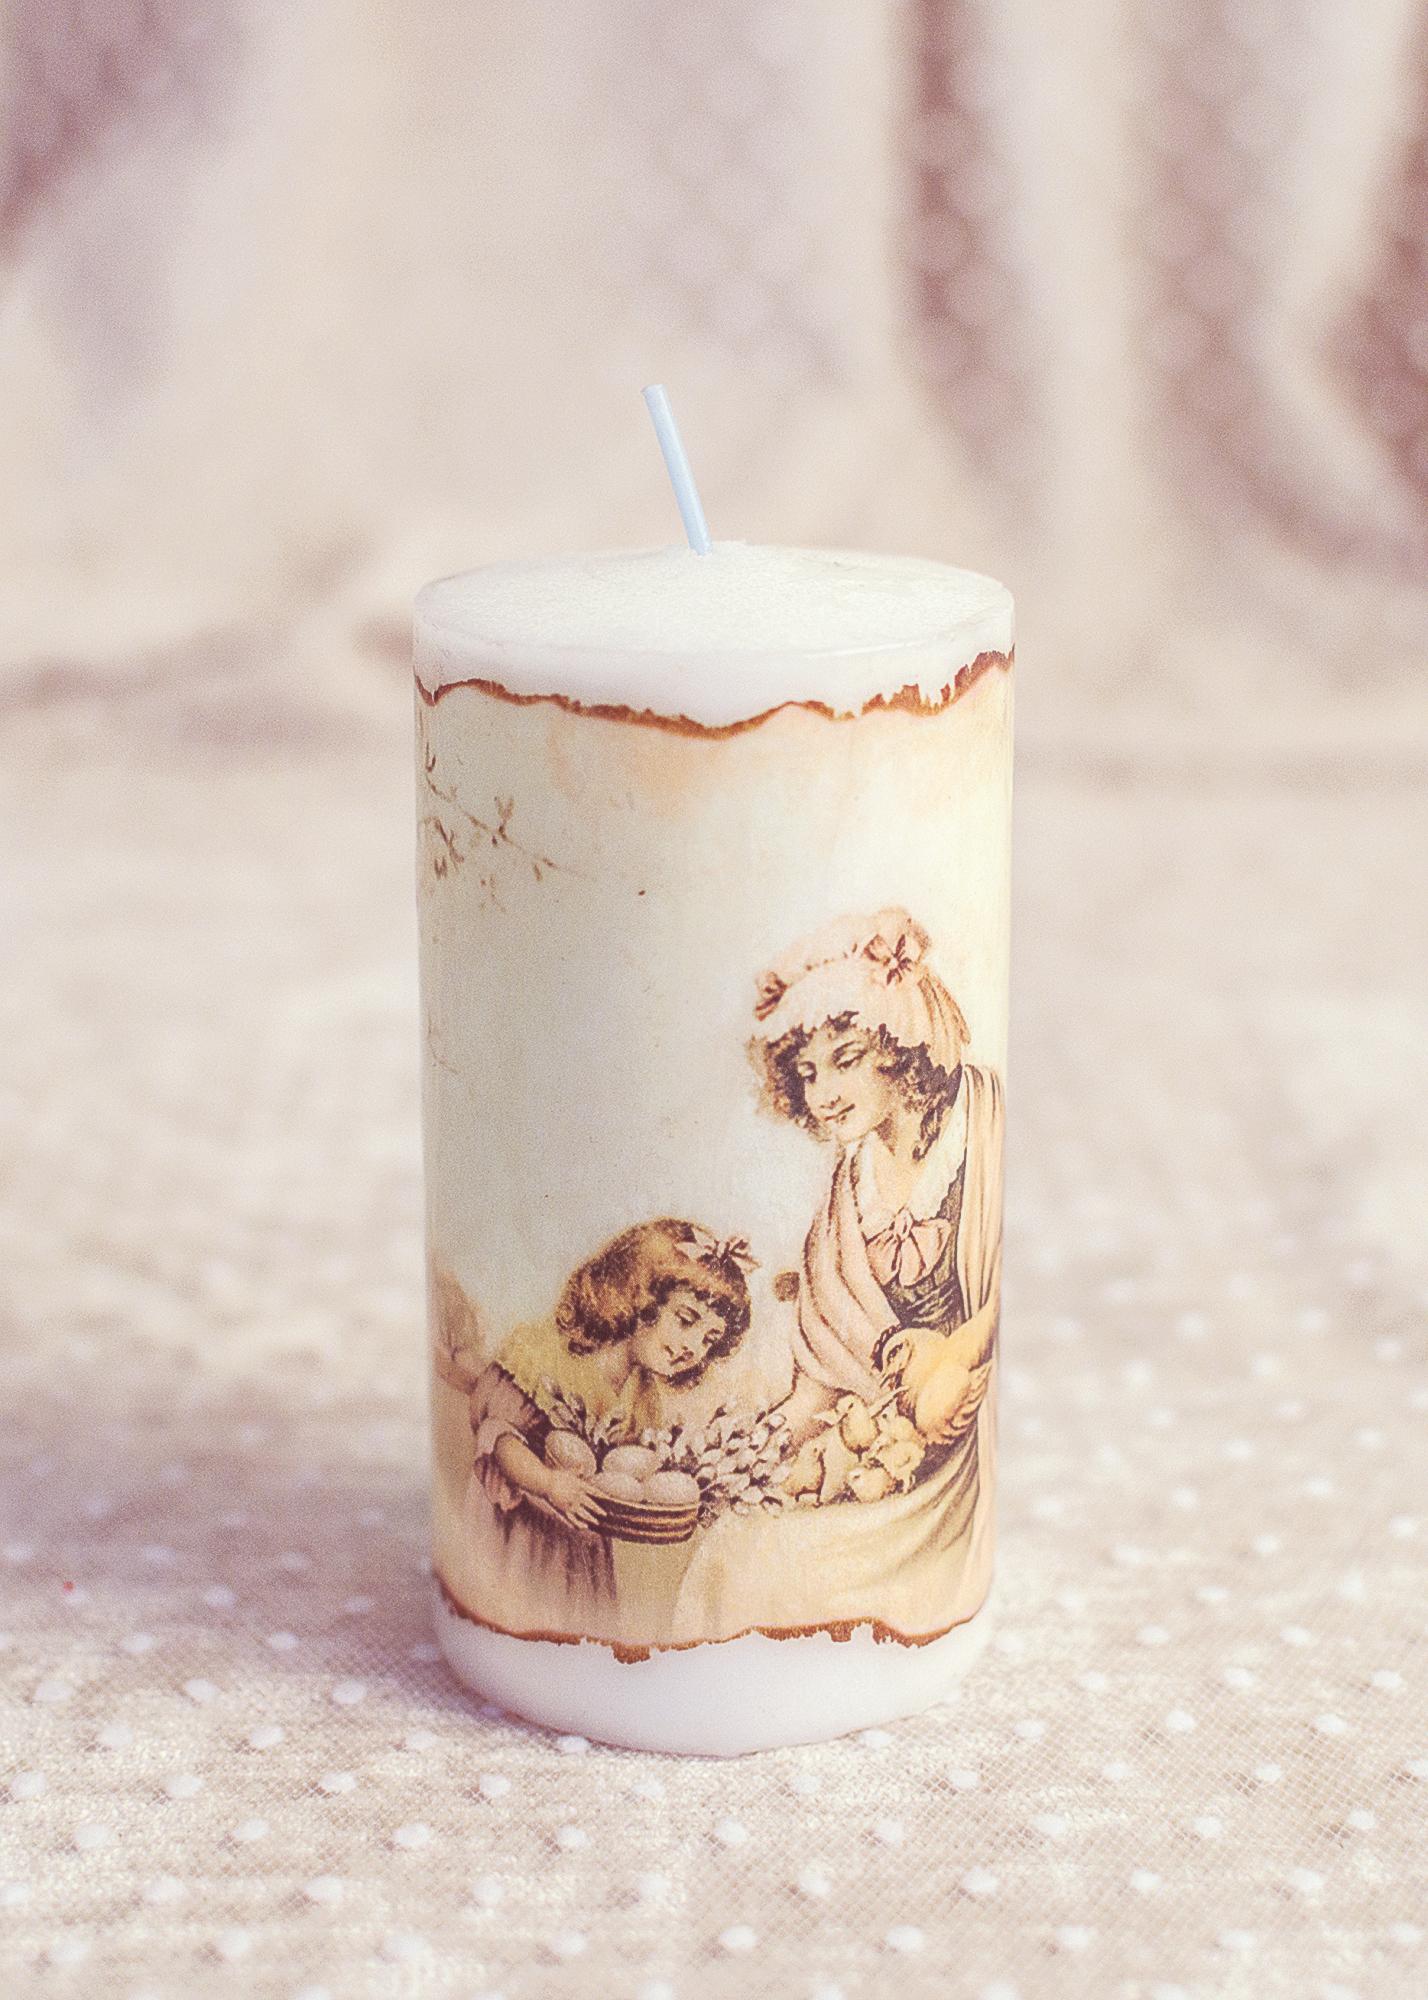 Lumanare Decorativa De Paste : Imagini Vintage